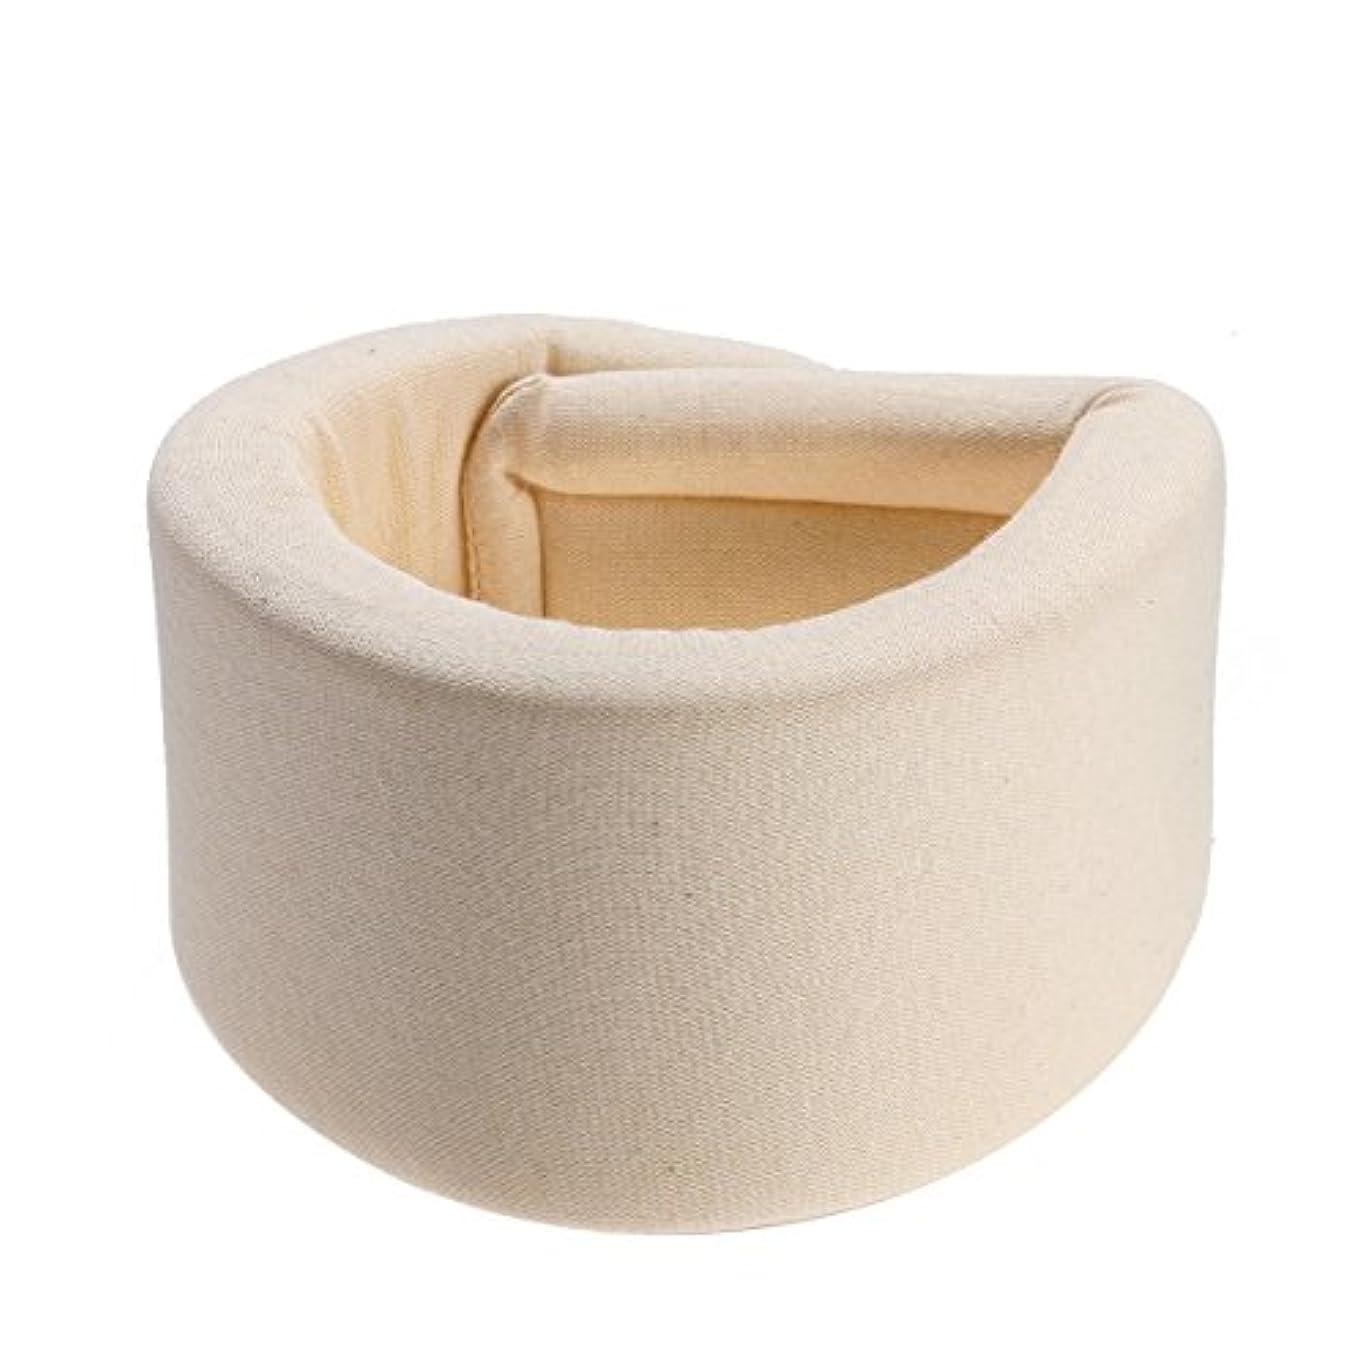 息切れトイレ全部SUPVOX ソフトネックブレースサポートスポンジ頚部襟堅い首の痛みを軽減首ヘルスケア(ベージュ) - サイズXL